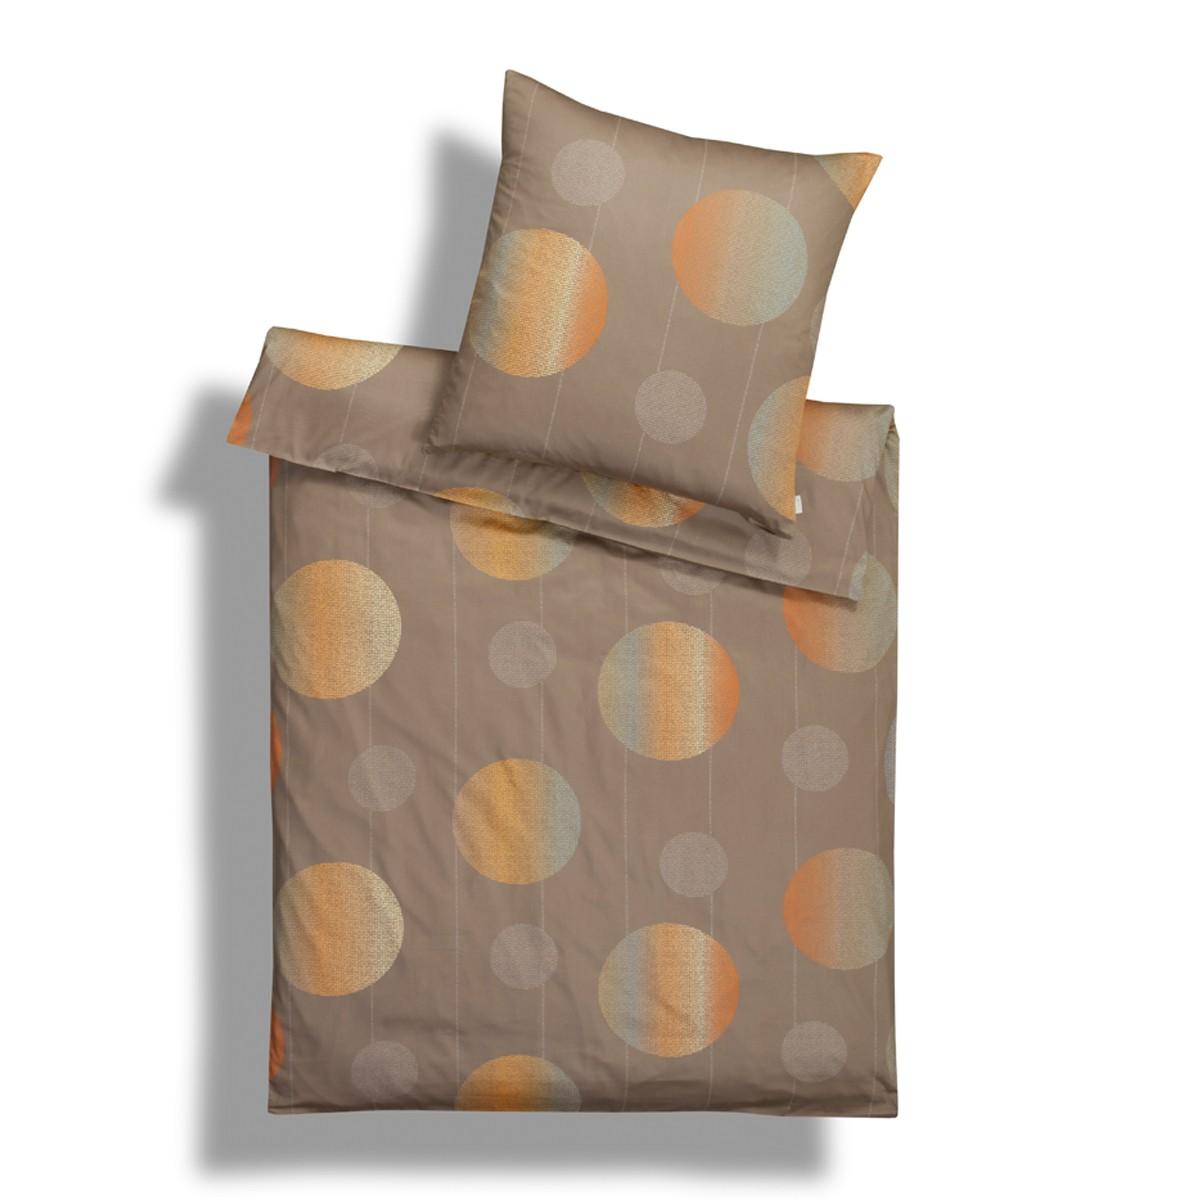 mako satin bettw sche estella fatih cafe bettw sche mako satin bettw sche. Black Bedroom Furniture Sets. Home Design Ideas